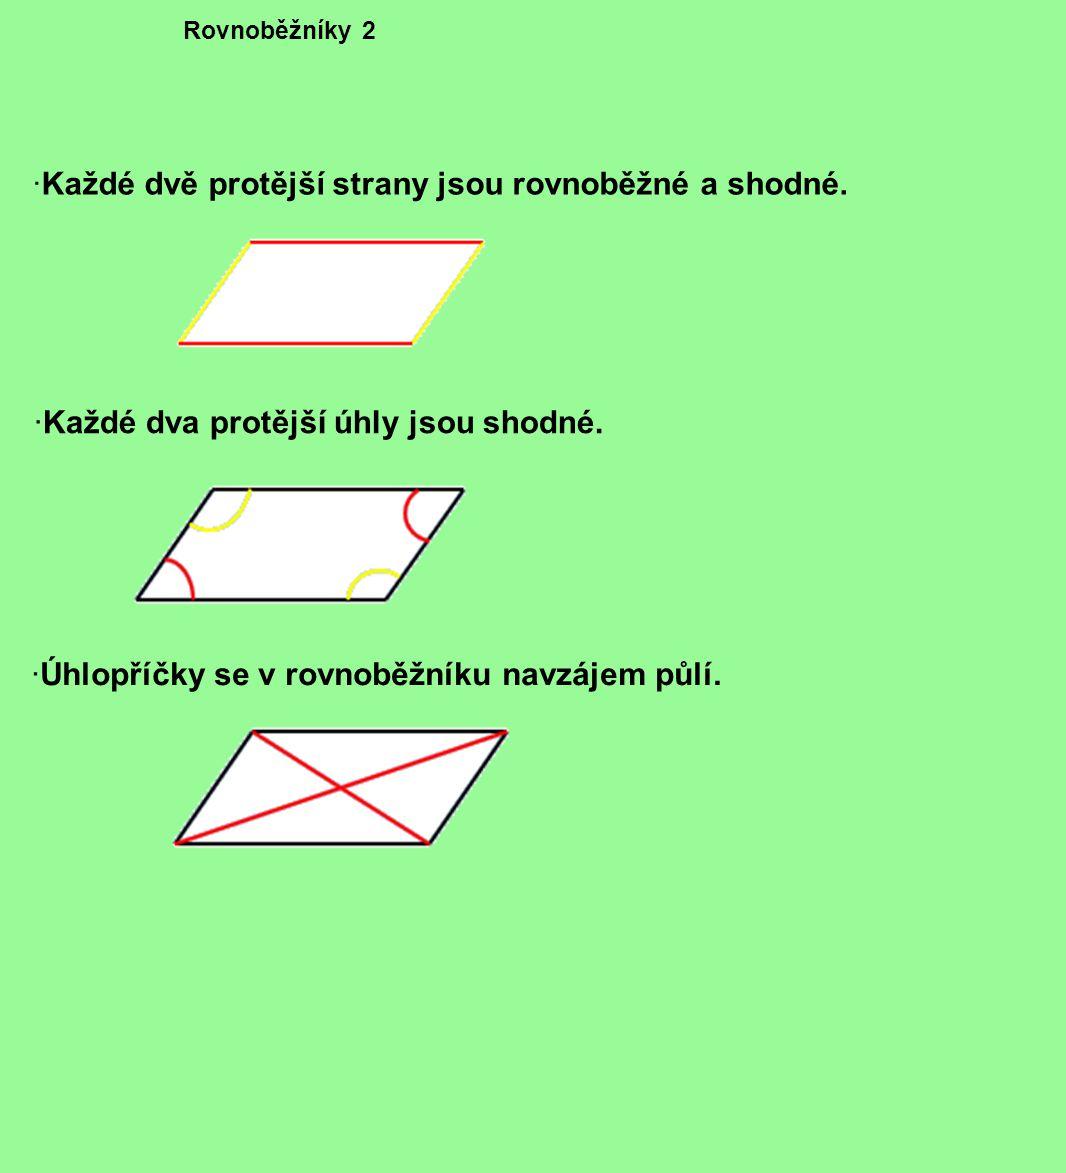 Rovnoběžníky 2 ·Každé dvě protější strany jsou rovnoběžné a shodné. ·Každé dva protější úhly jsou shodné. ·Úhlopříčky se v rovnoběžníku navzájem půlí.